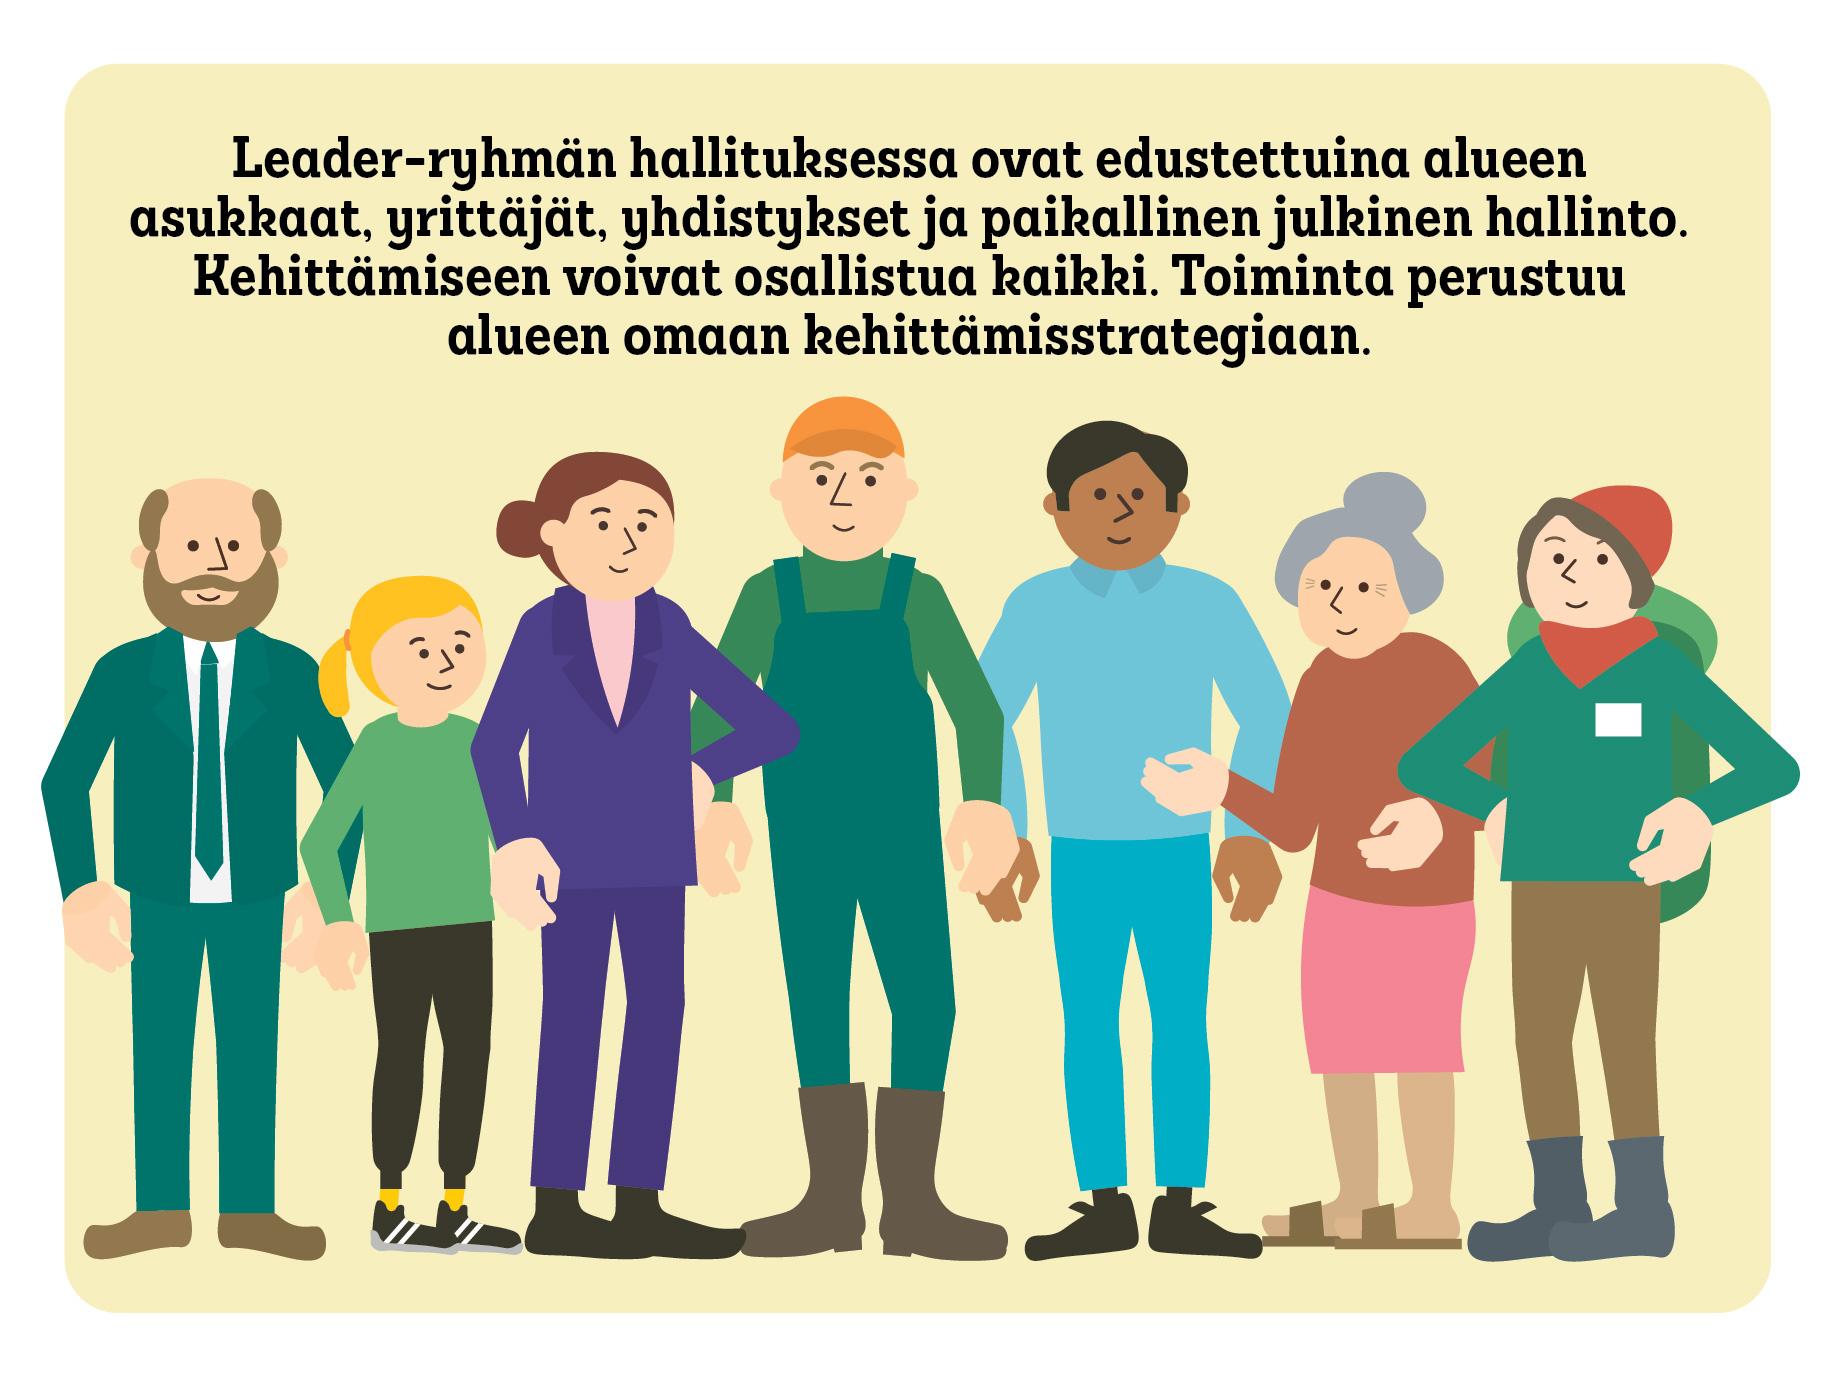 Leader-hallituksessa ovat edustettuina alueen asukkaat, yrittäjät ja paikallinen julkinen hallinto.